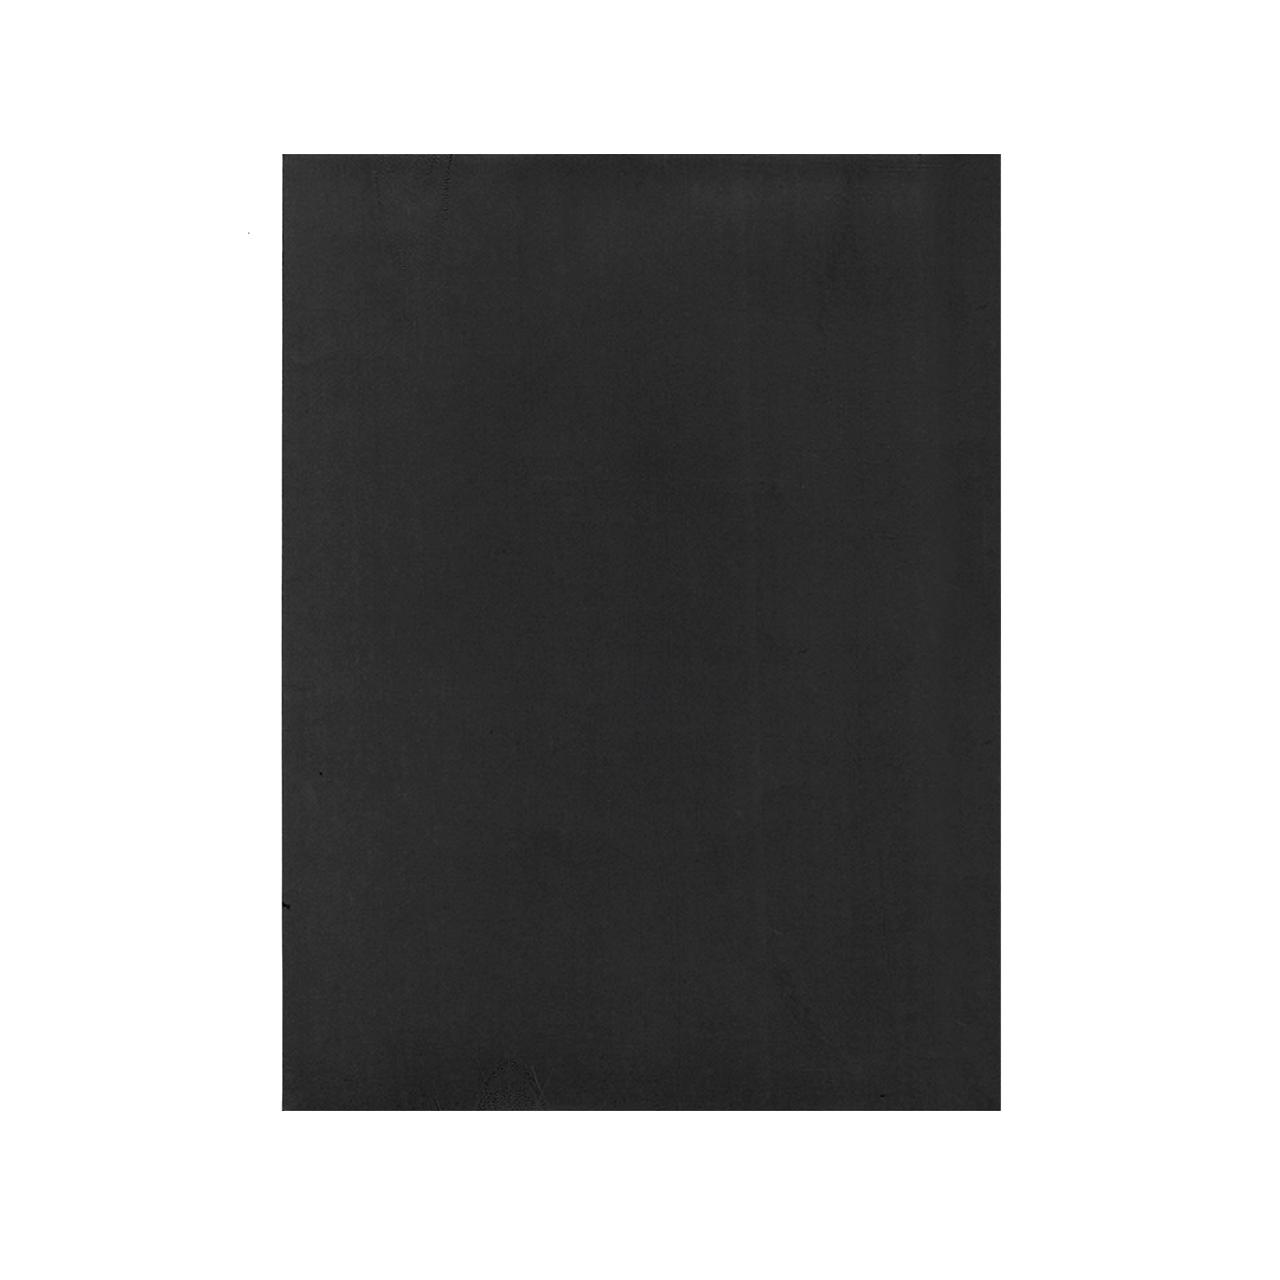 2000 Grit 15% Brown Latex Sandpaper